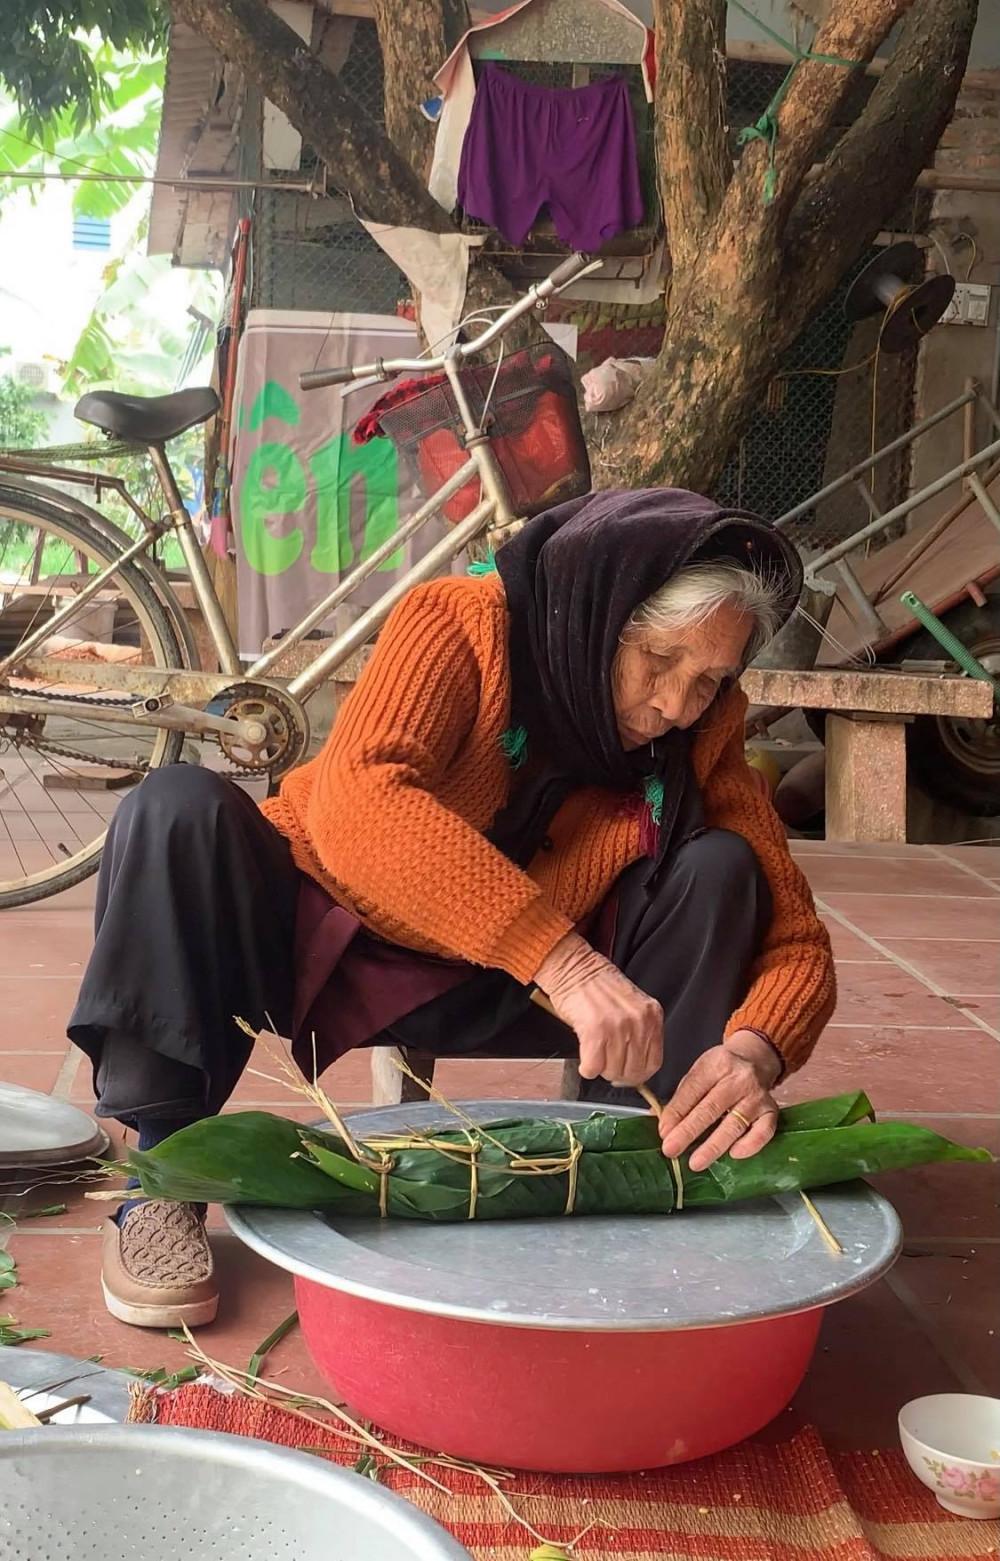 Bà đã 90 tuổi nhưng vẫn rất minh mẫn, nhanh nhẹn và có thể tự làm mọi việc chăm sóc bản thân.